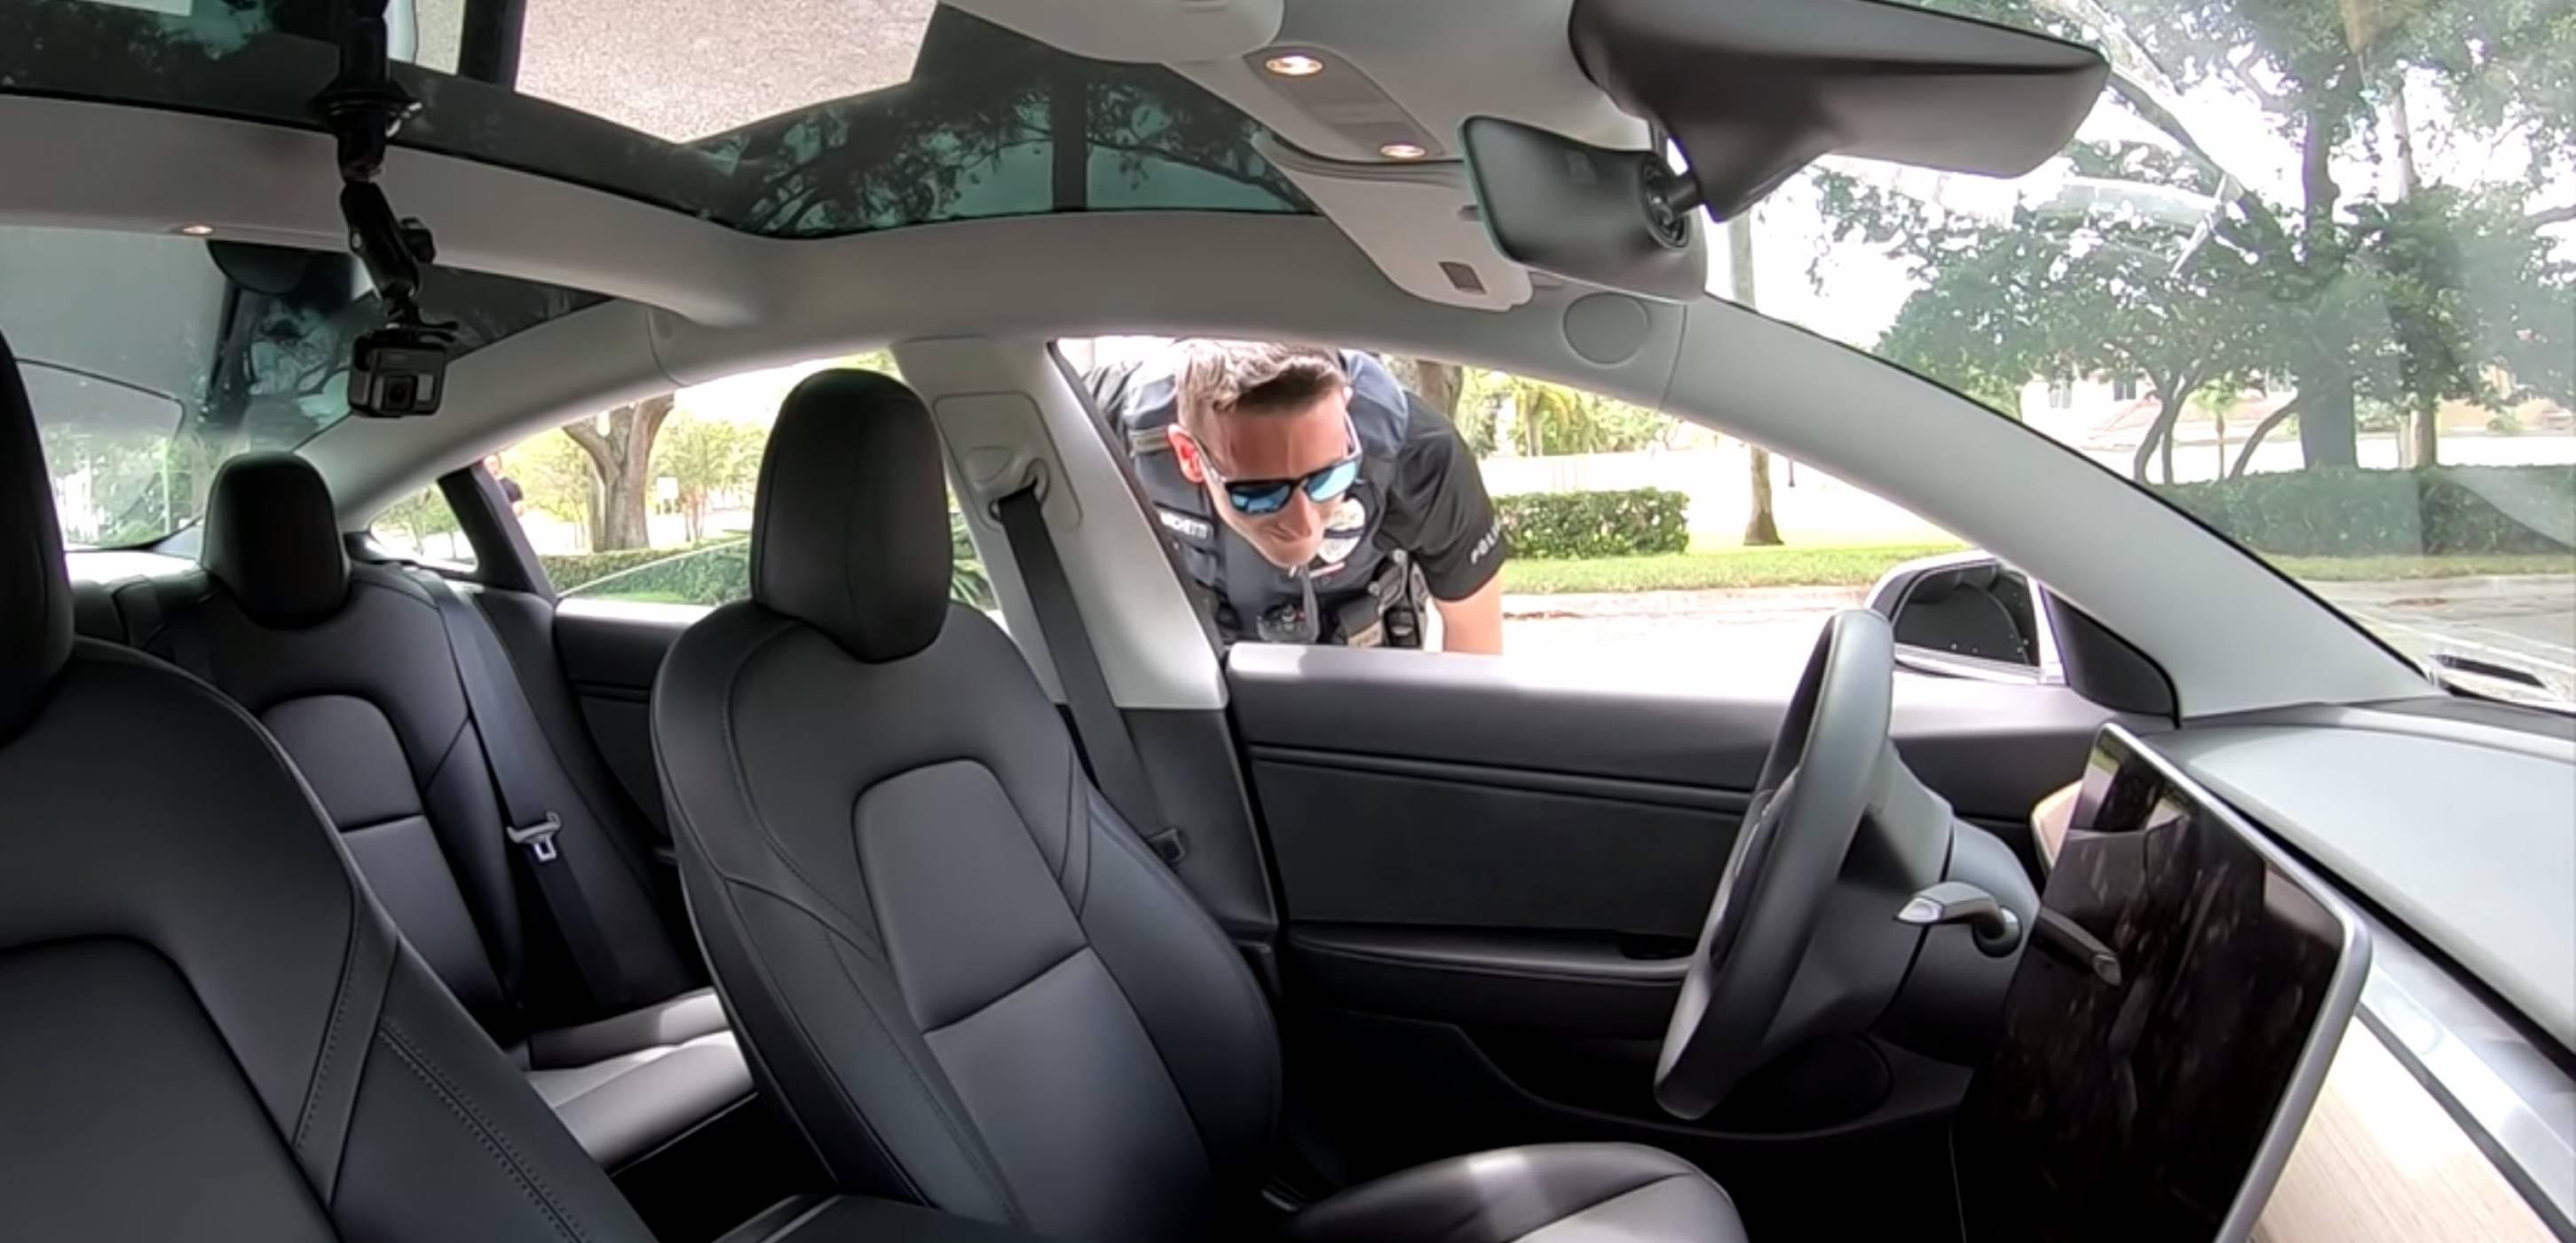 Полицаи спряха Tesla без водач: нагласено или не? (ВИДЕО)